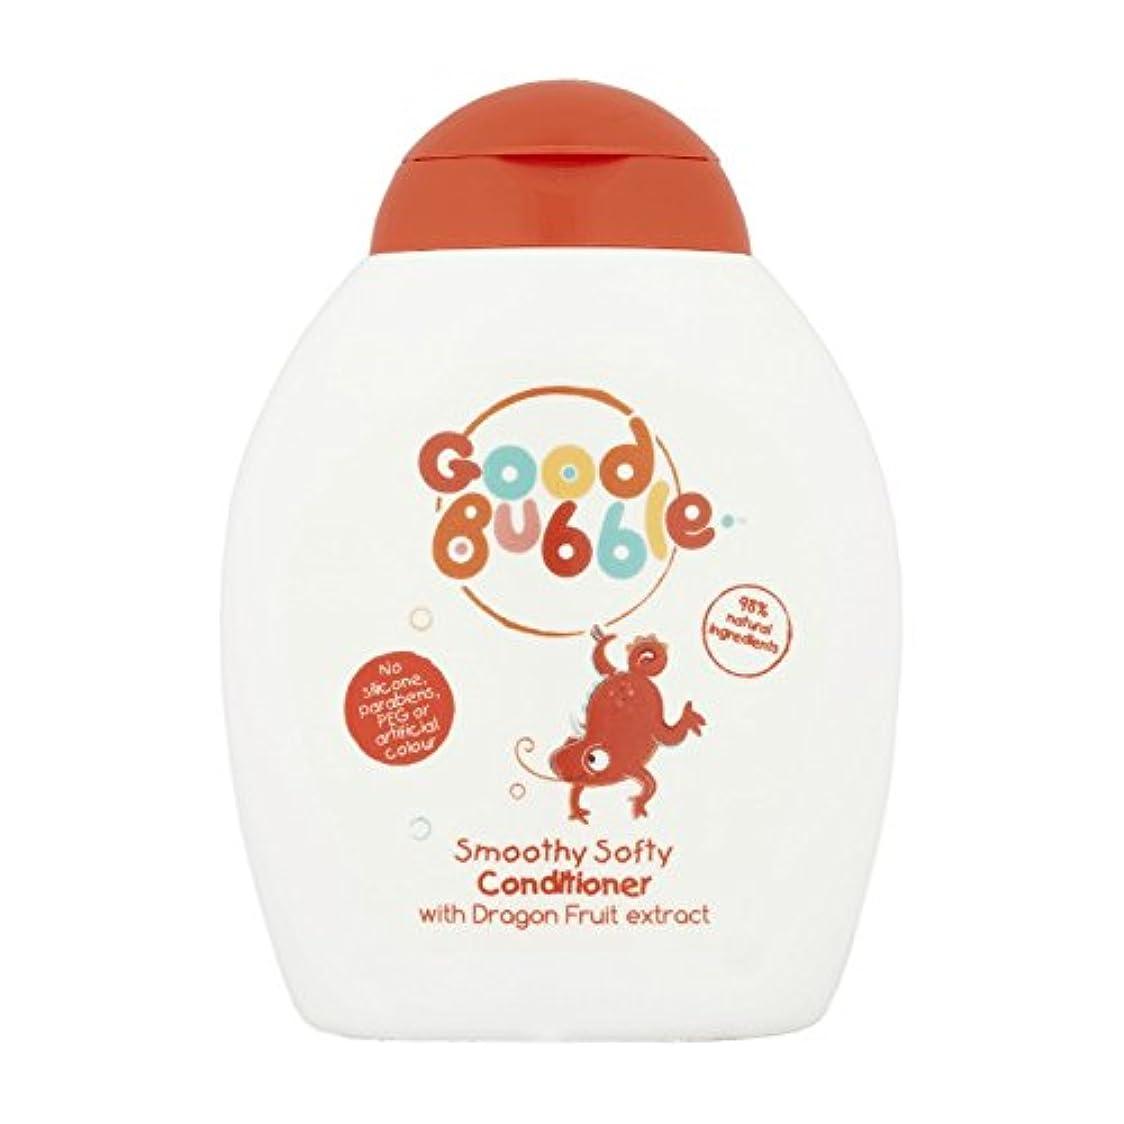 クルーズエクステント番号良いバブルドラゴンフルーツコンディショナー250ミリリットル - Good Bubble Dragon Fruit Conditioner 250ml (Good Bubble) [並行輸入品]